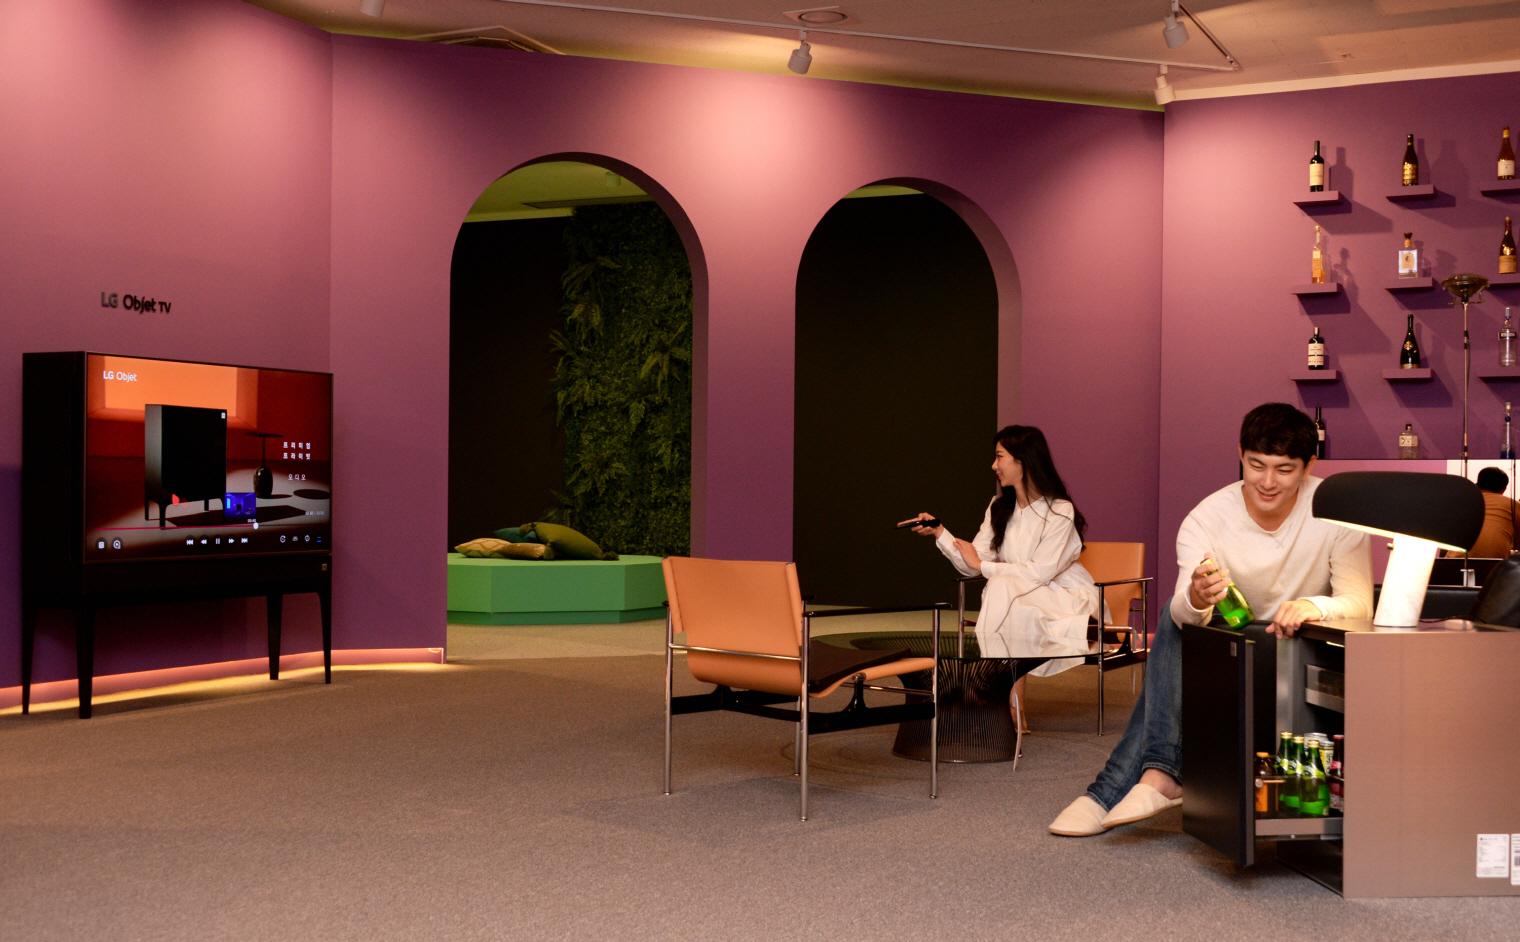 고급 협탁이자 미니바 역할을 하는 LG 오브제 냉장고(오른쪽)는 거실을 휴식뿐 아니라 파티를 즐길 수 있는 공간으로 만든다.